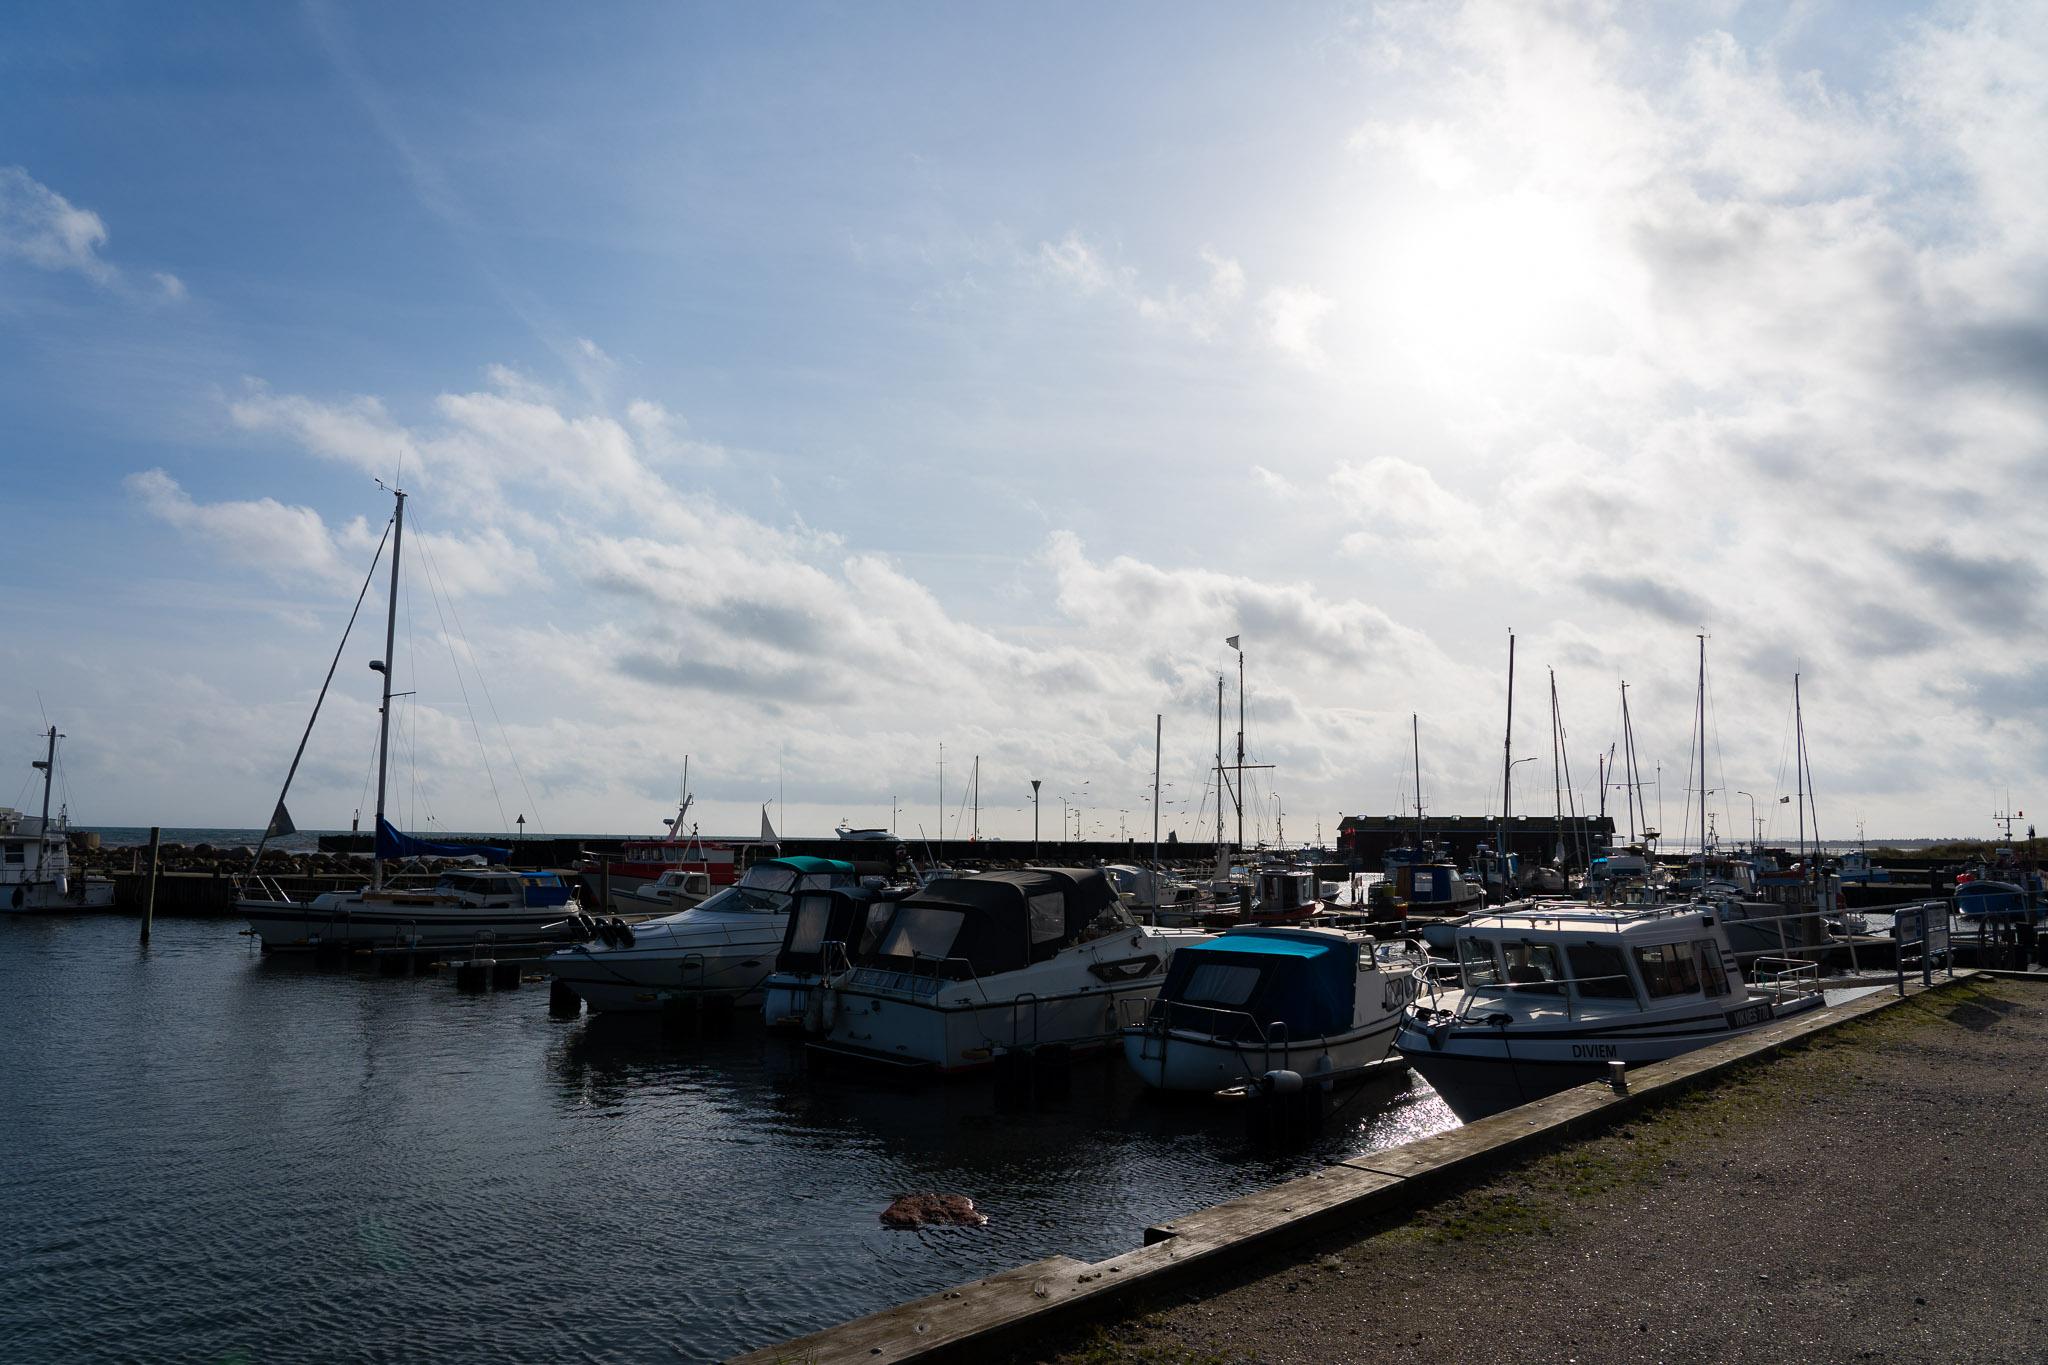 Hafen in Ålbæk